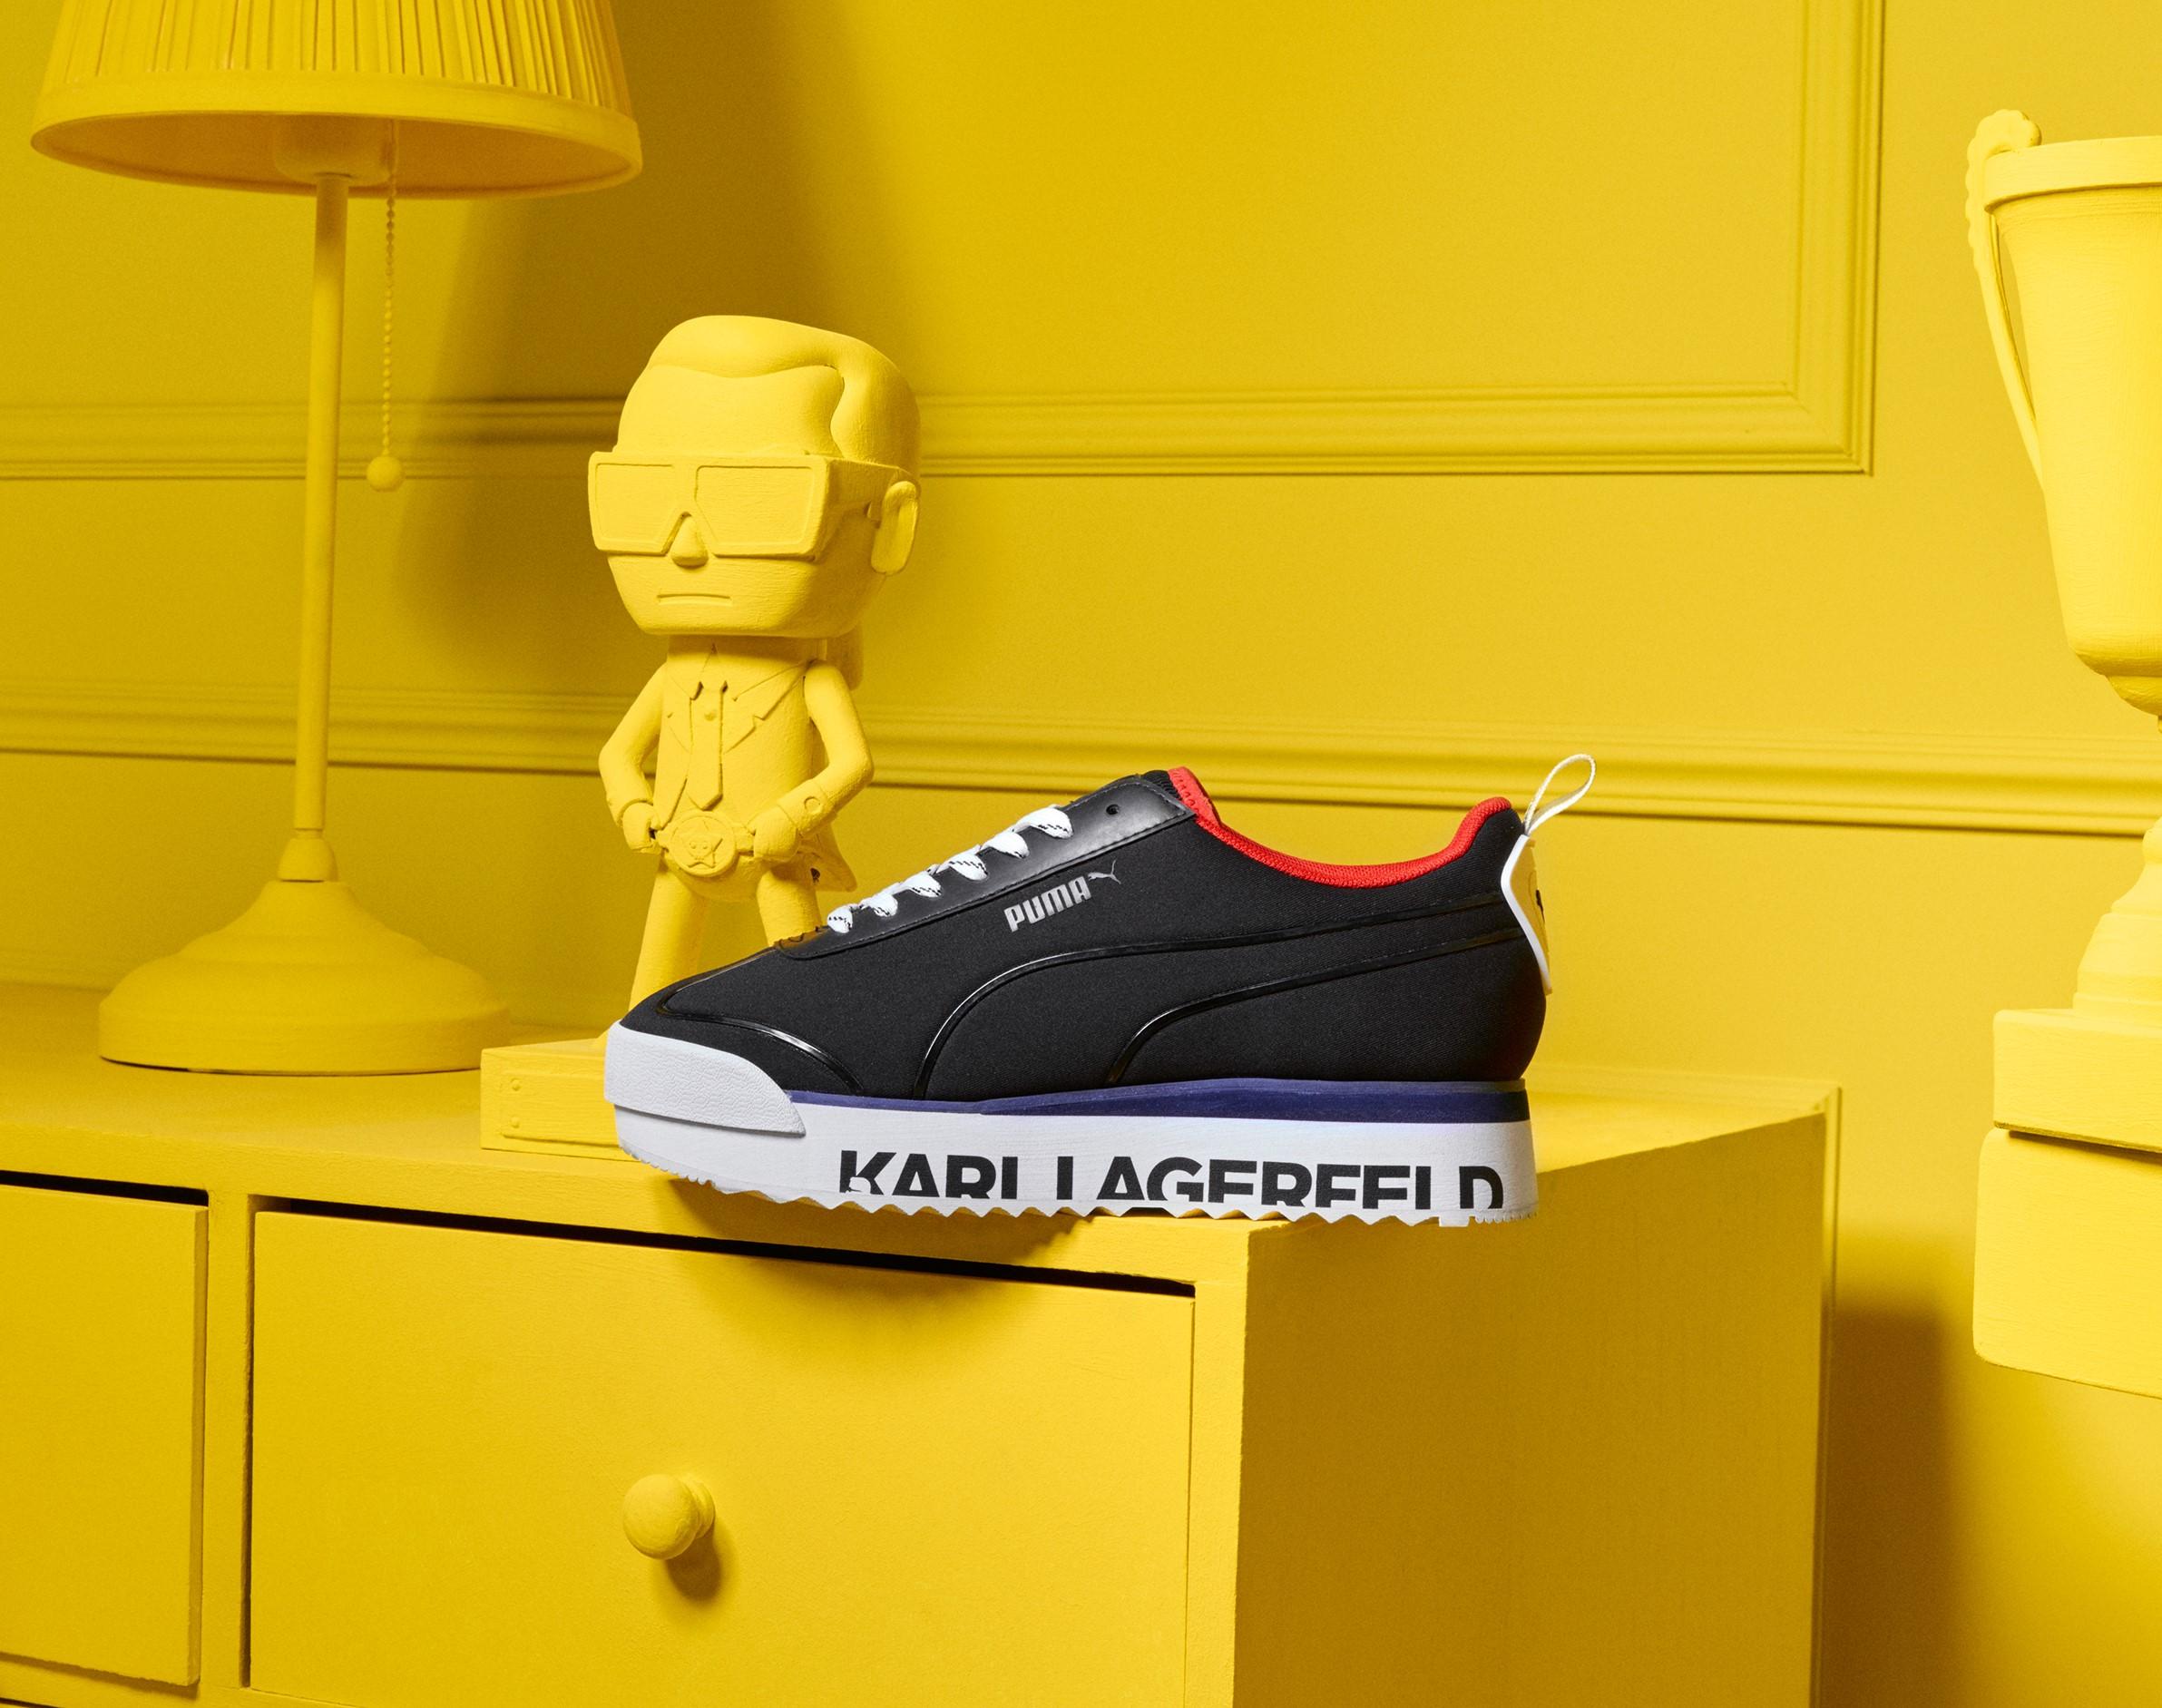 Puma Roma x Karl Lagerfeld